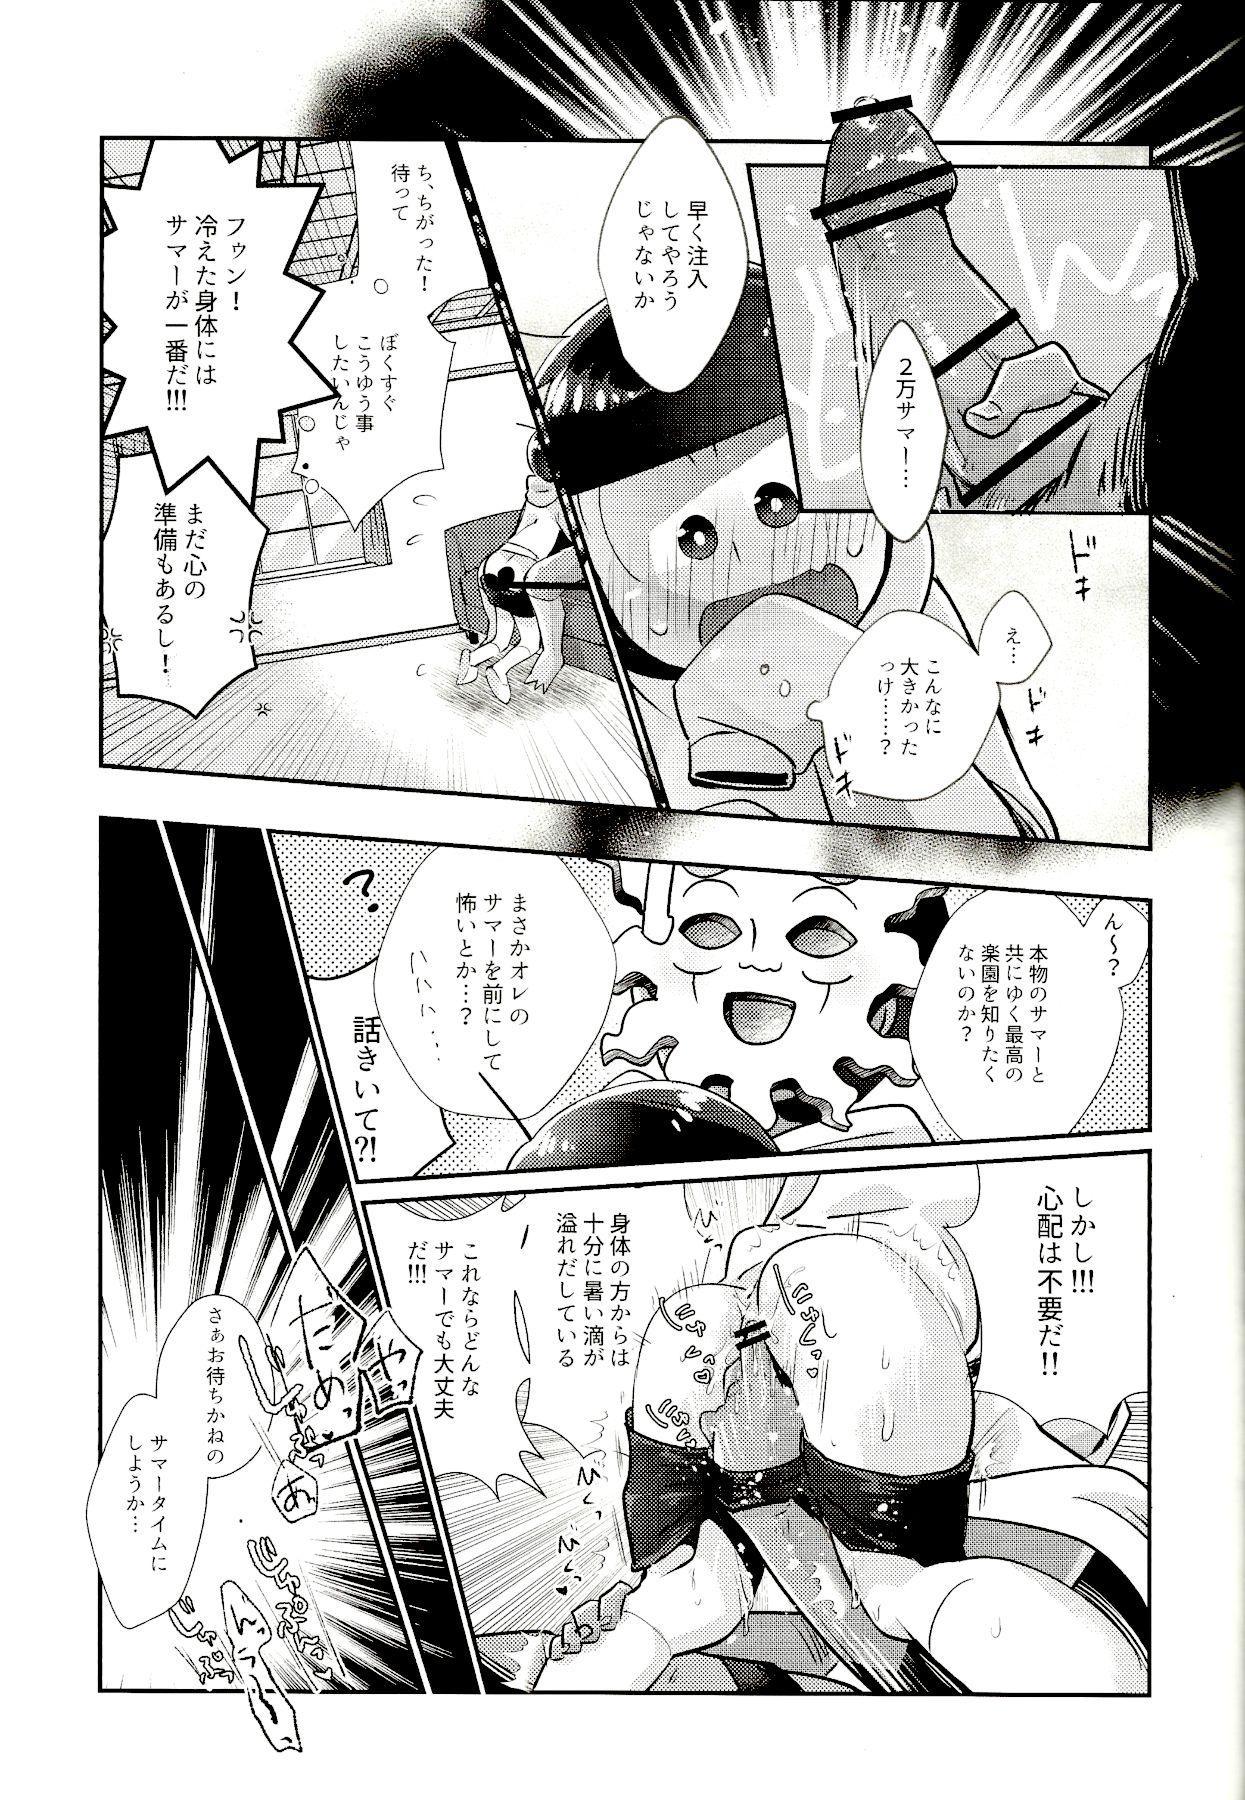 My Riru Juushimatsu ga Summer Kamen to xx Shitaidato!? 9